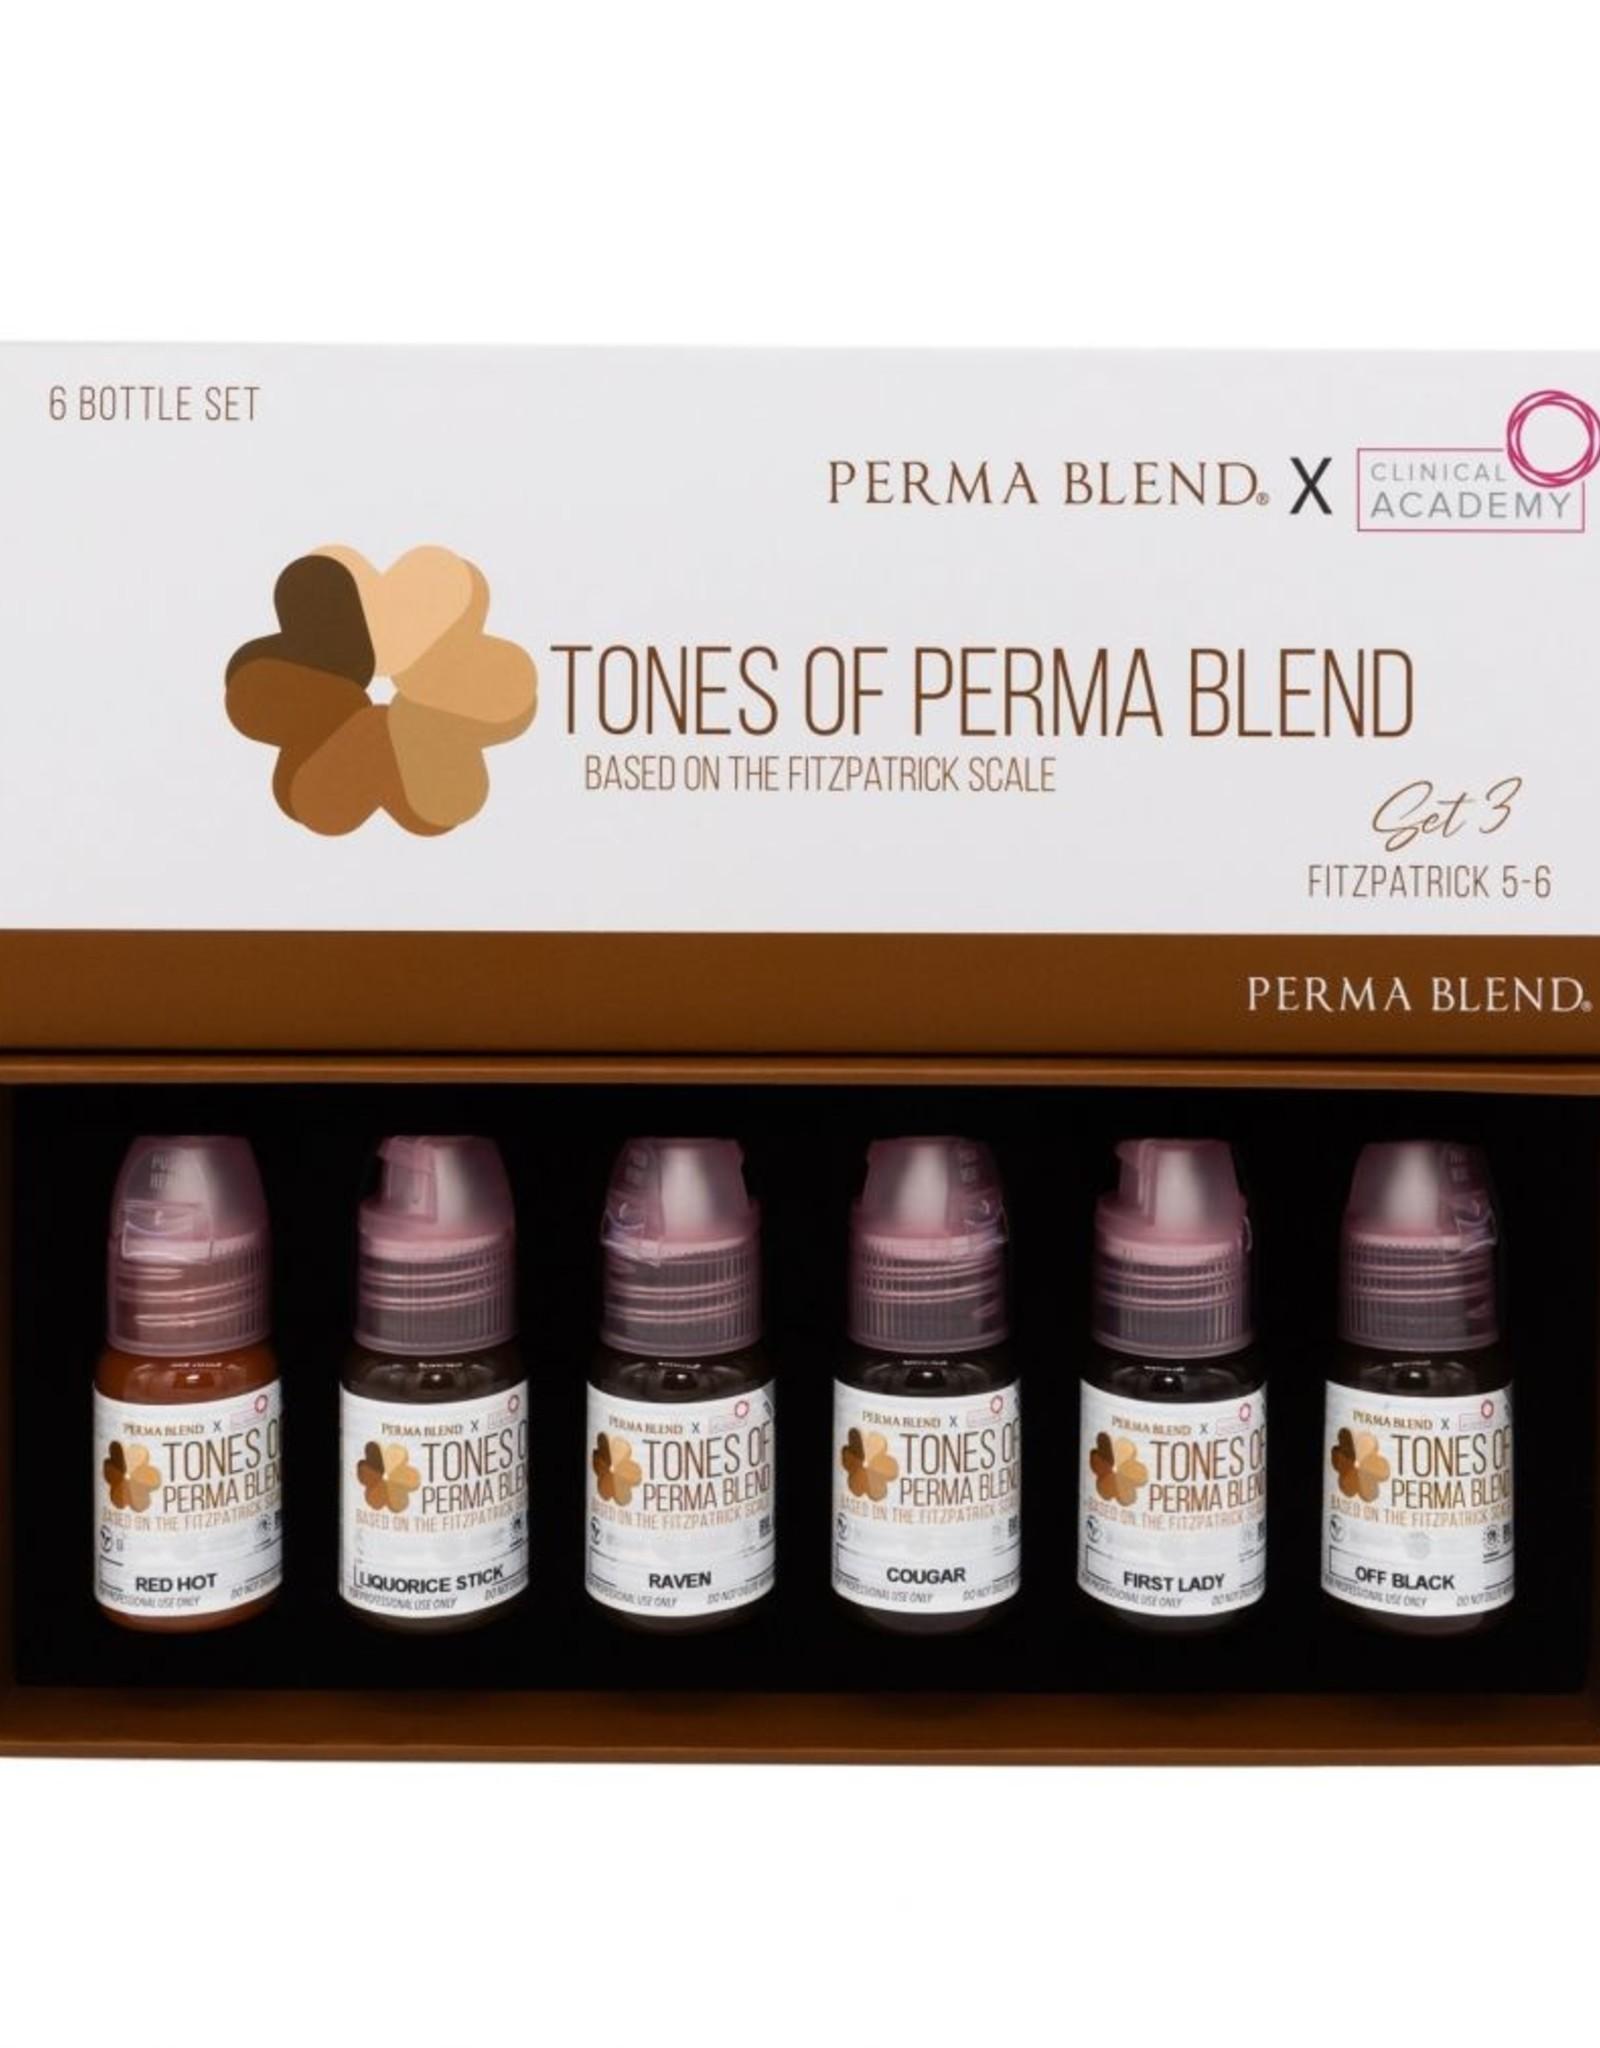 Tones of Perma Blend Set 3 (Fitzpatrick 5-6)